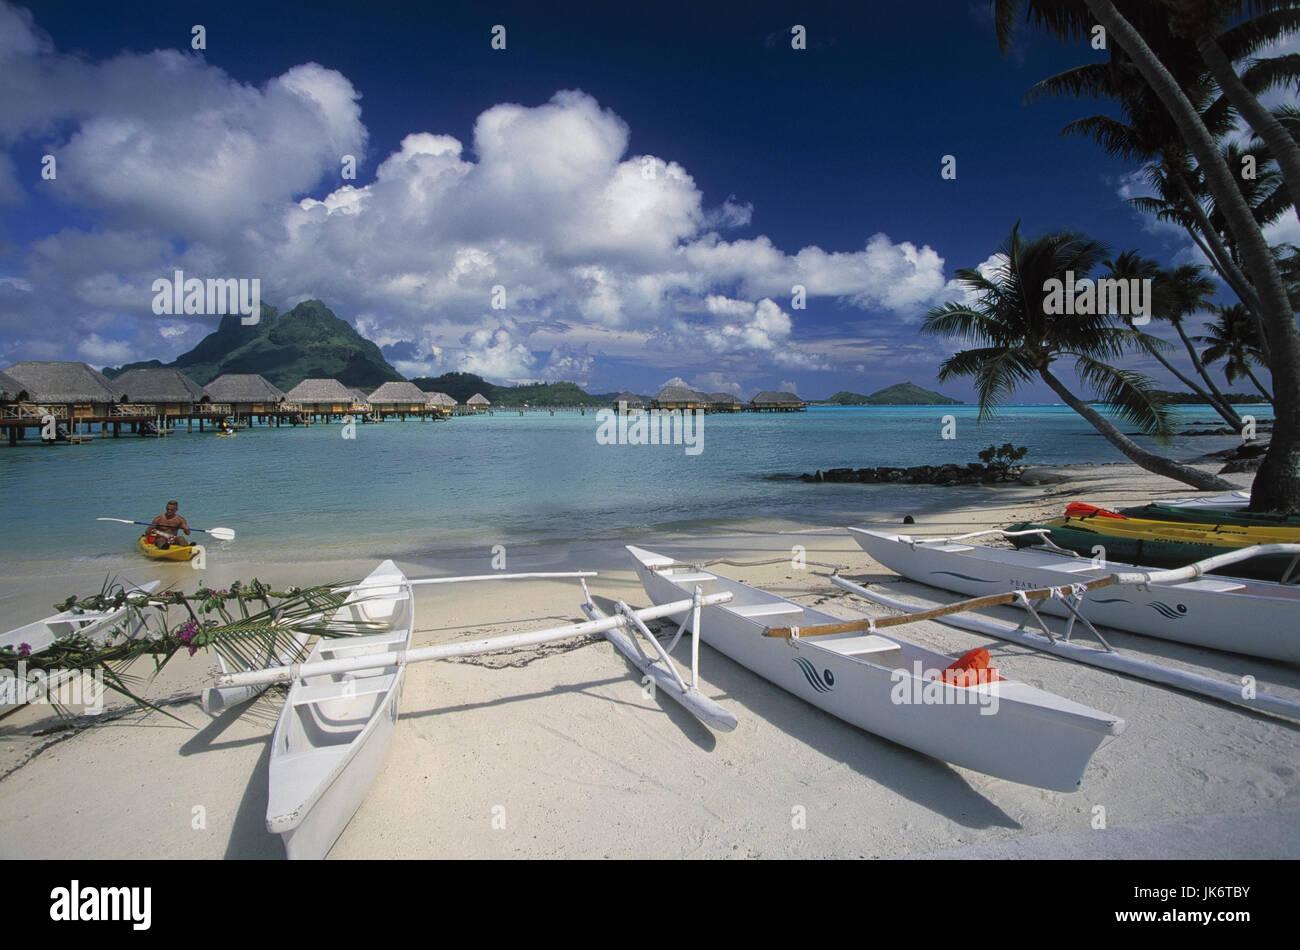 Französisch-Polynesien, Bora Bora, Pearl Bech Resort, Bungalows ...